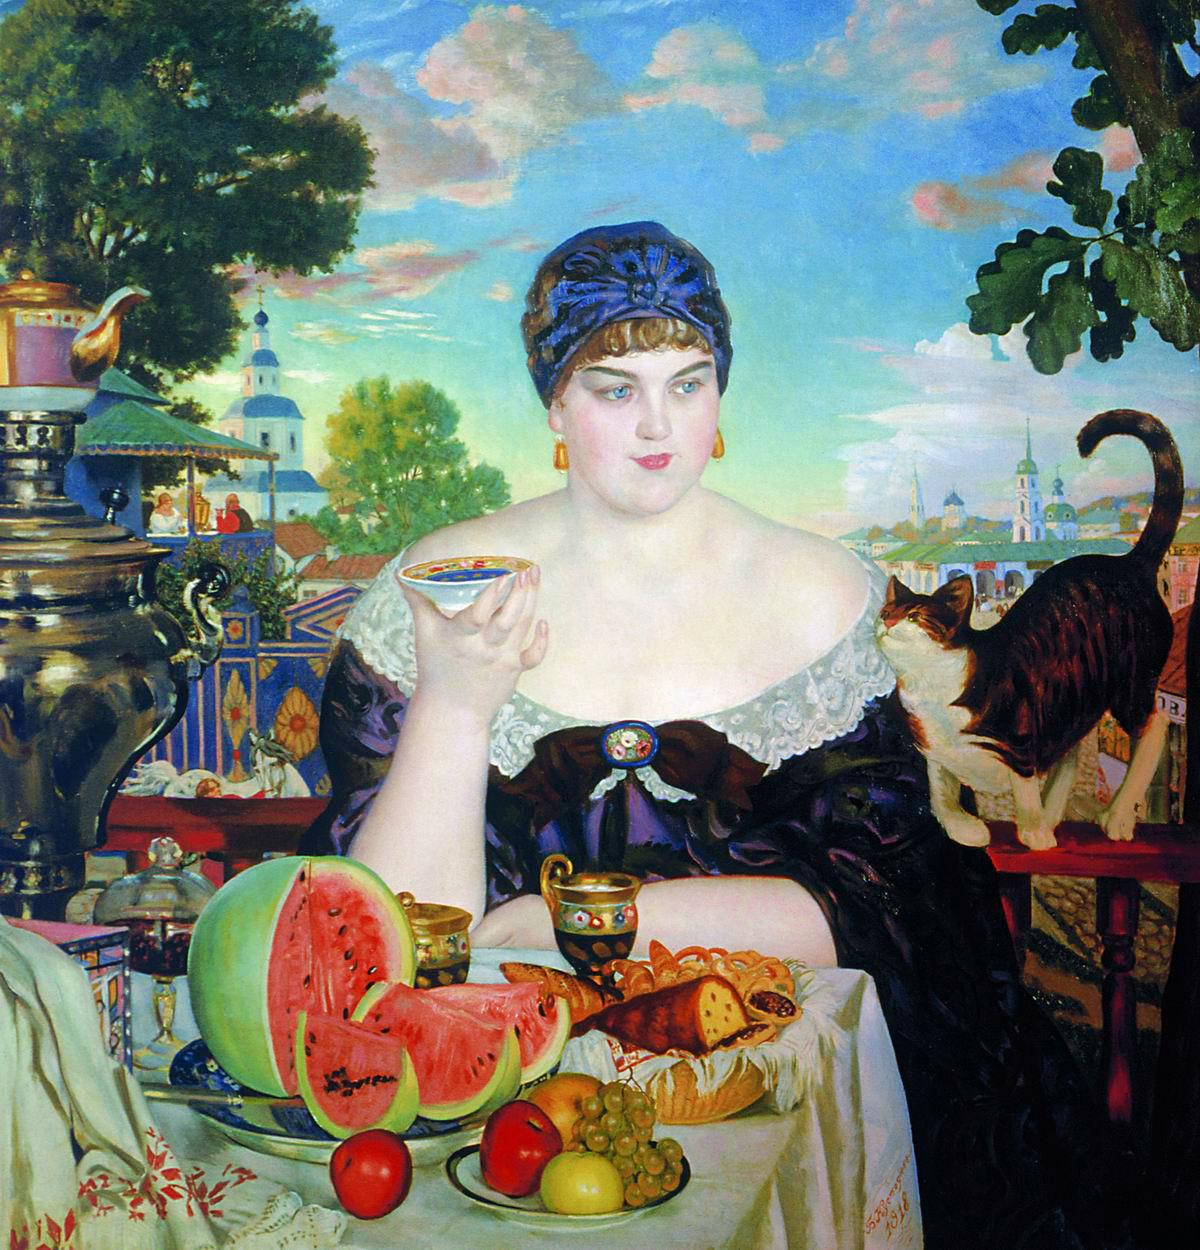 Отель Витязево Официальный Сайт – Услуги Питания на Отдыхе(1)